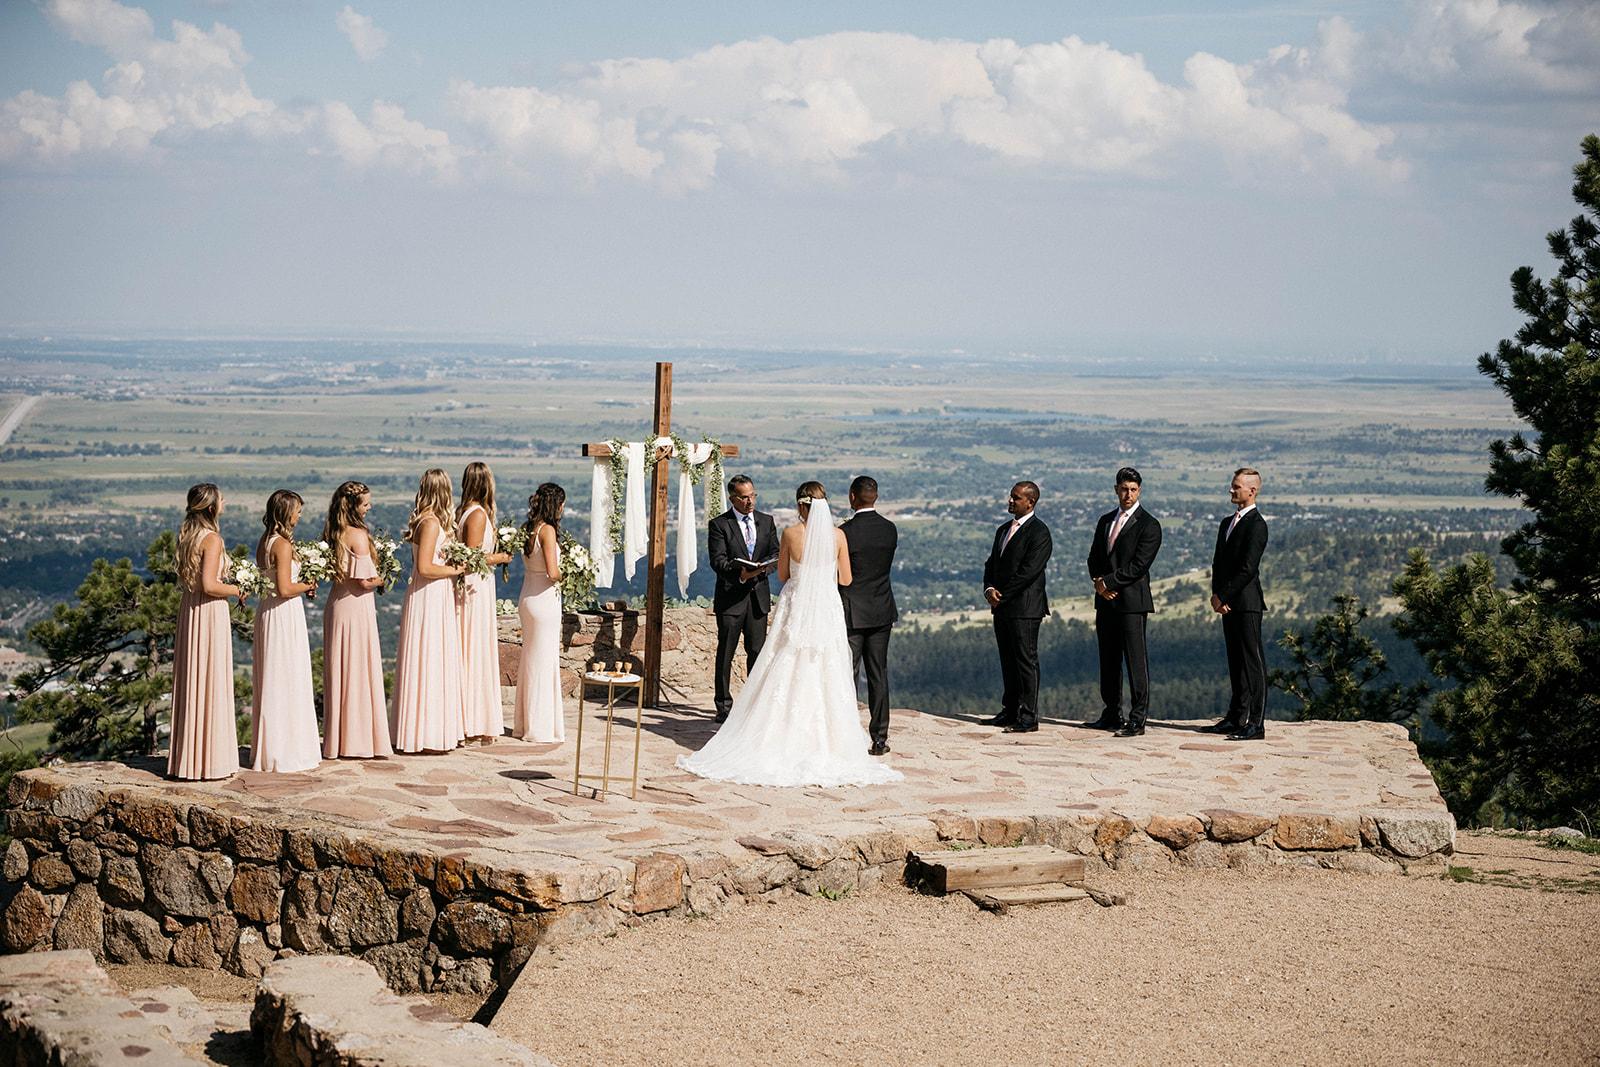 Katy_and_Solomon_Wedding_2019-264.jpg